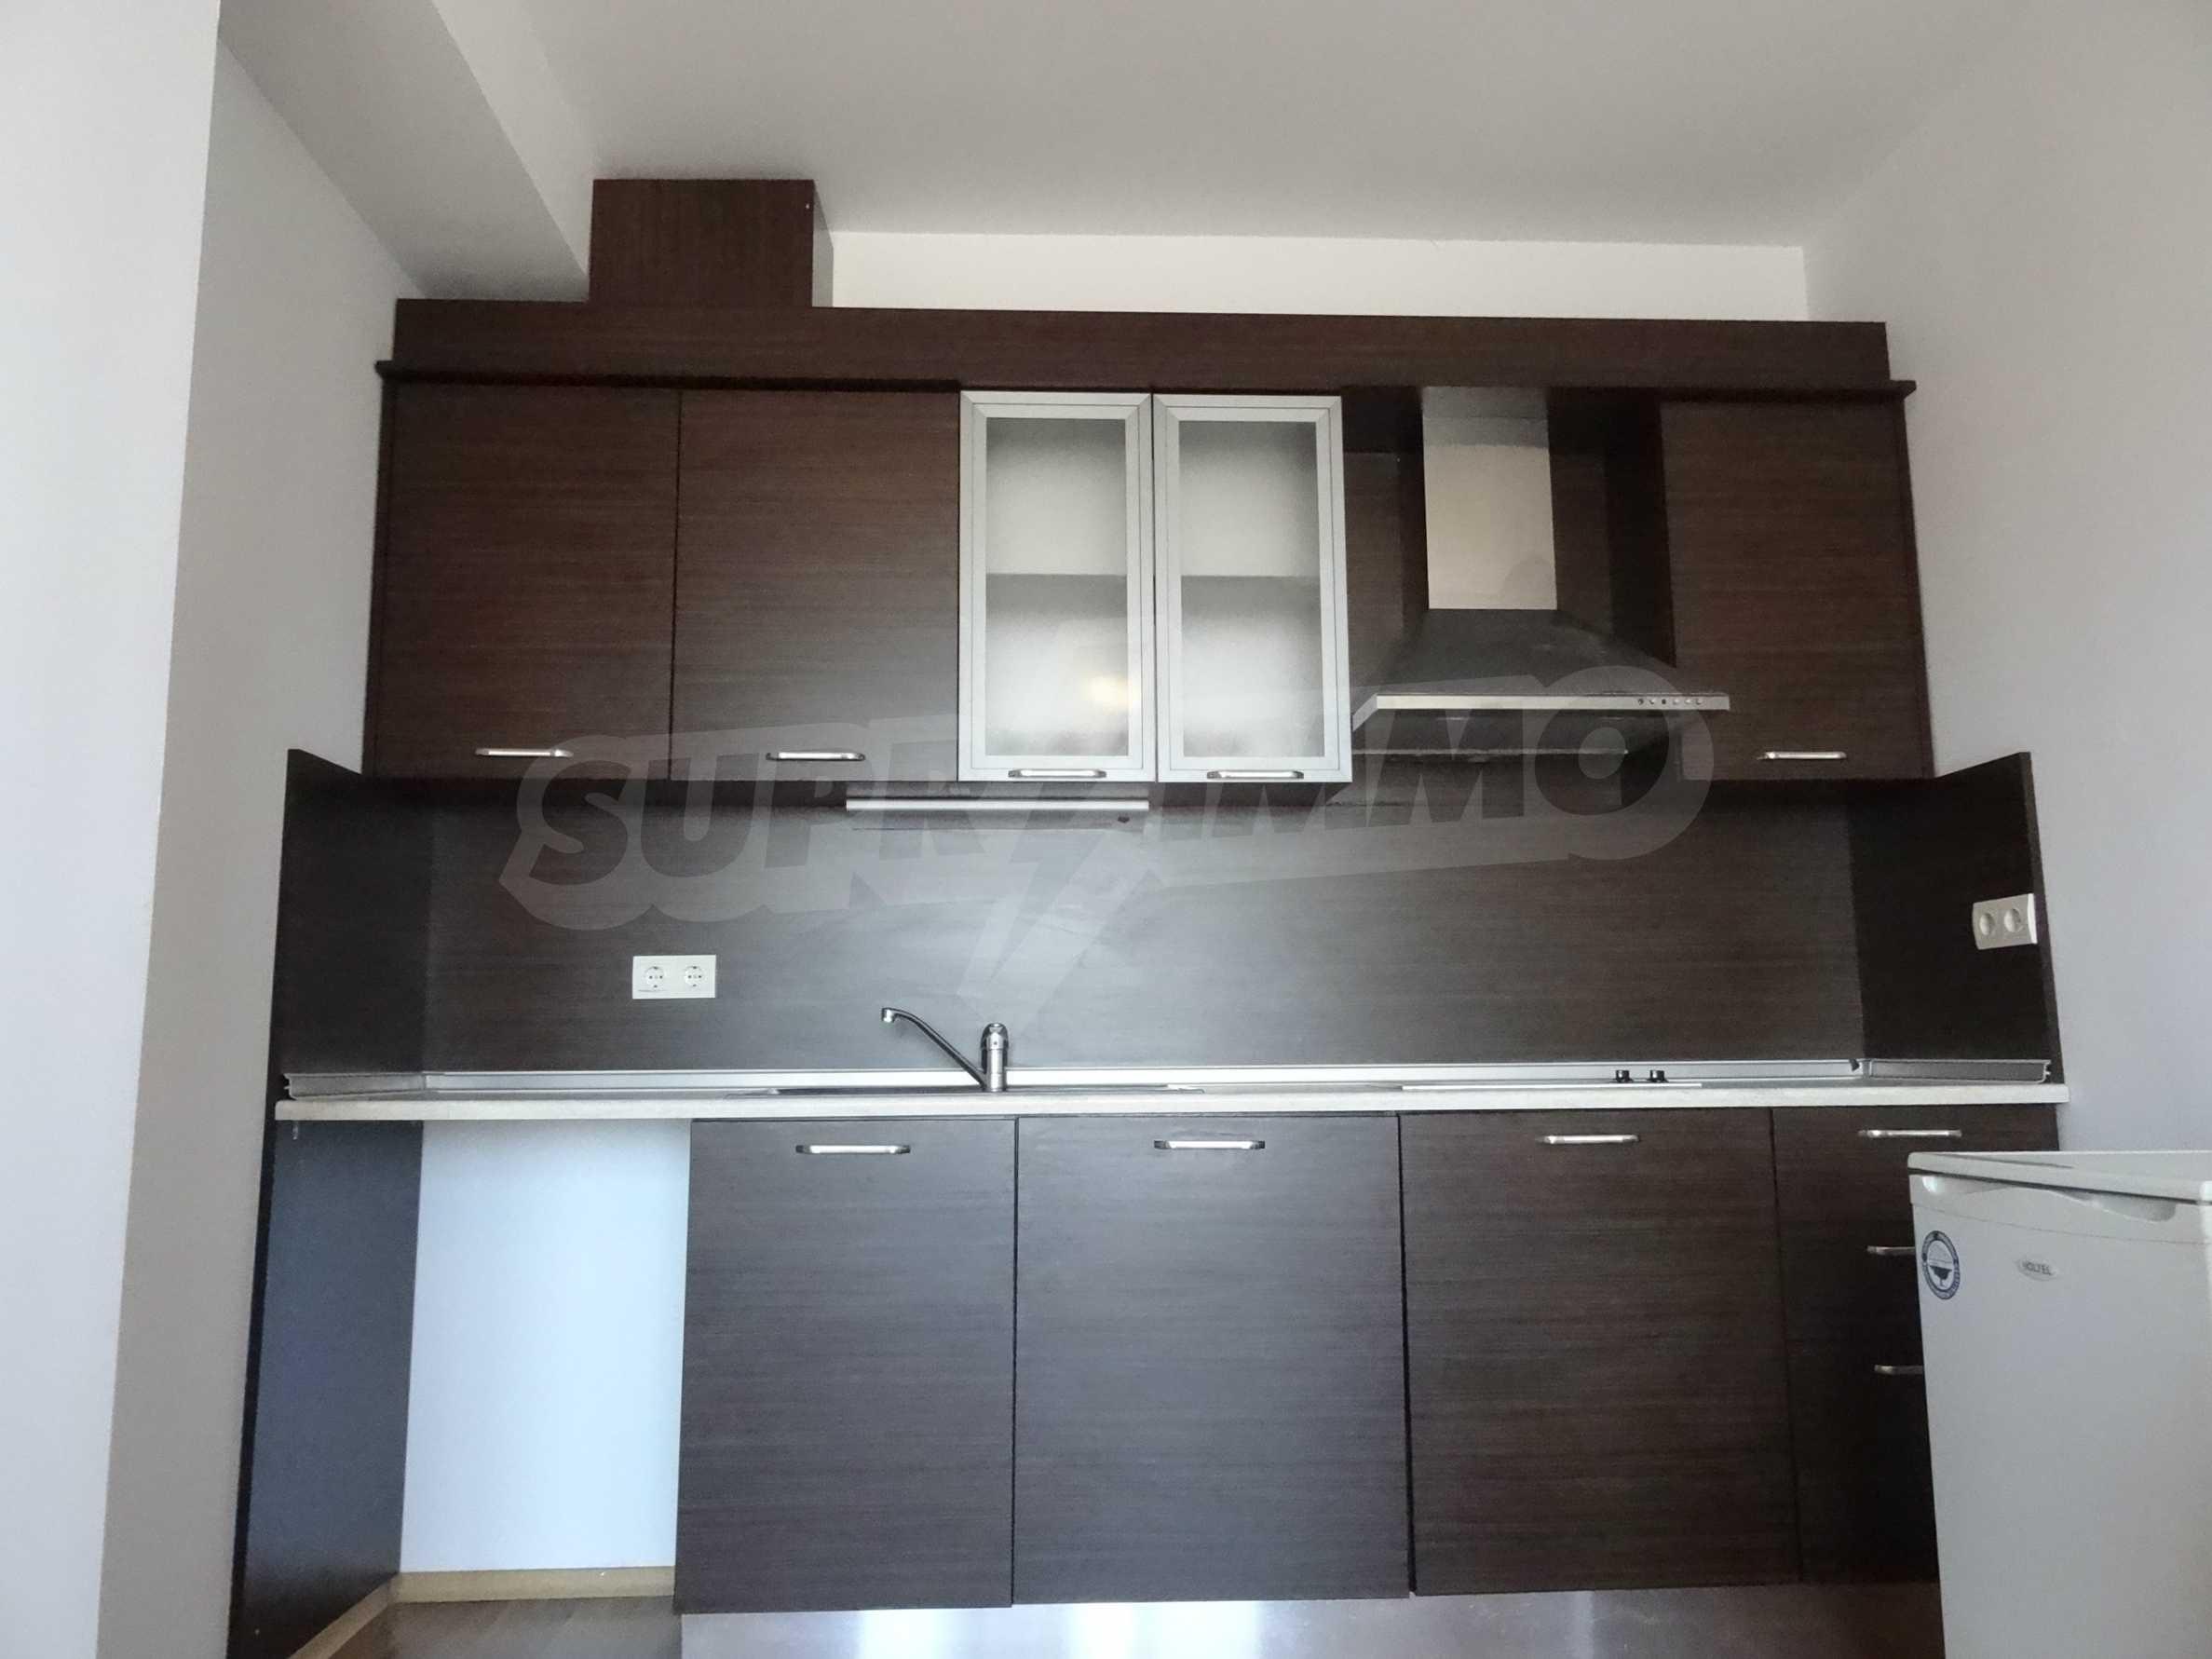 Чудесен апартамент за продажба във затворен комплекс 4